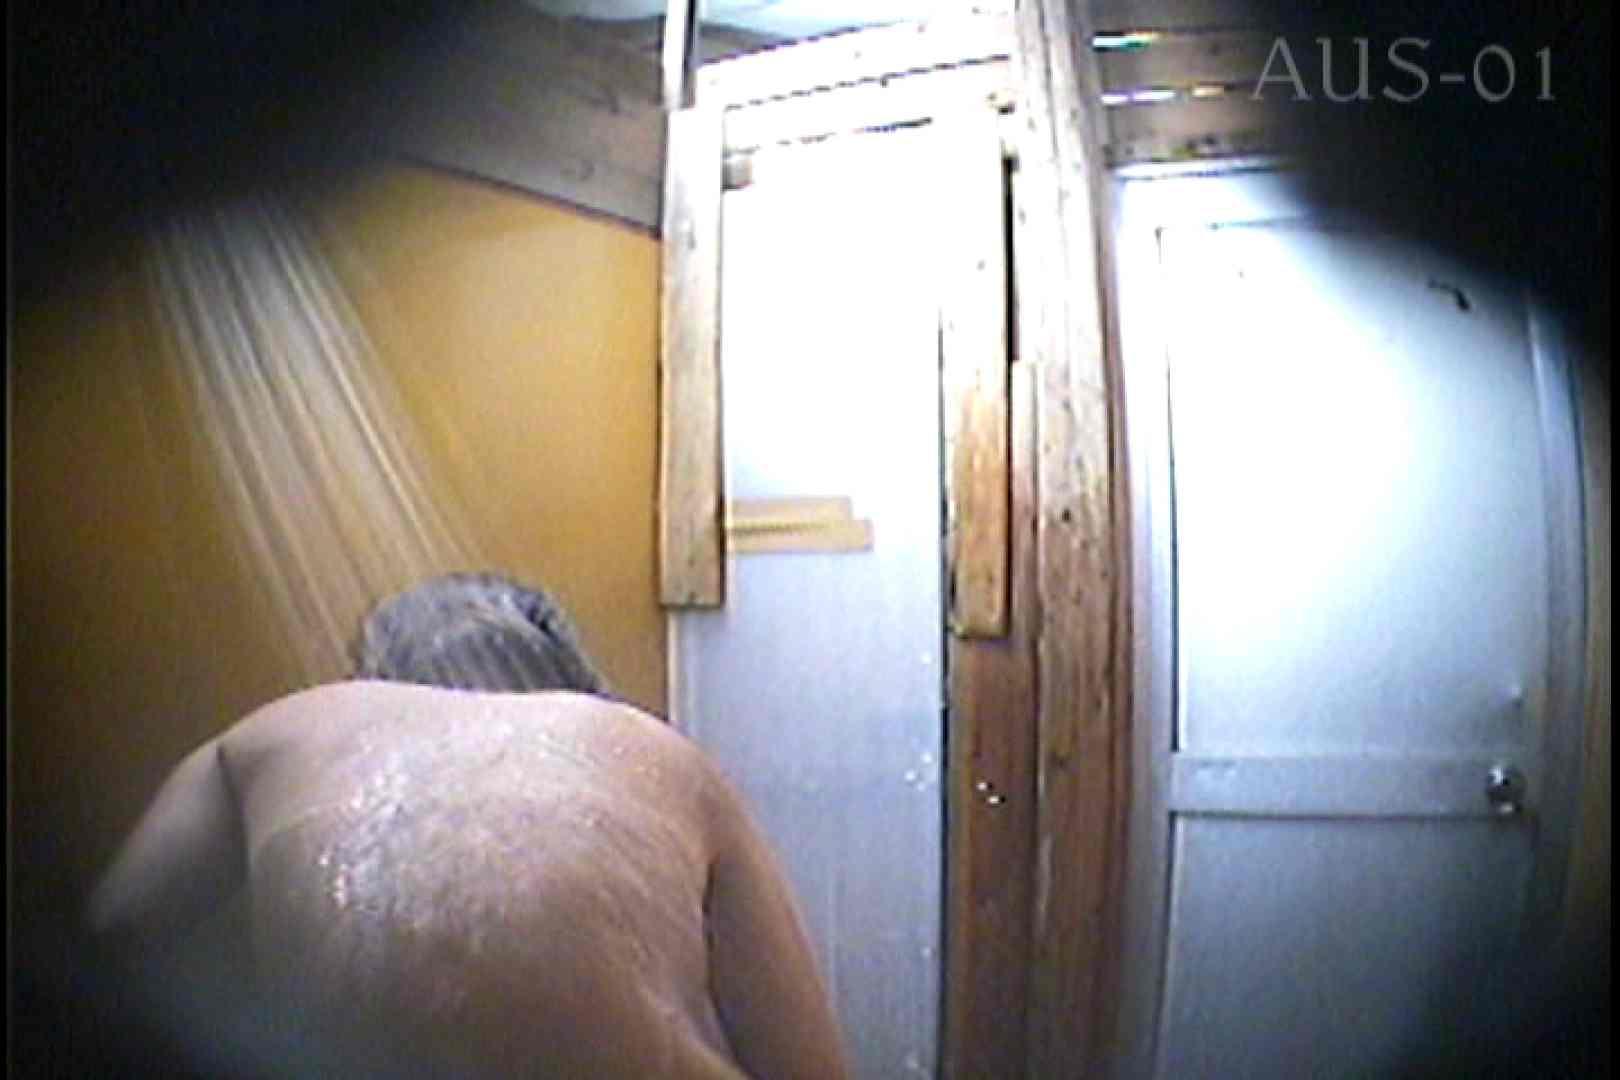 海の家の更衣室 Vol.01 美女のボディ セックス画像 105PIX 38